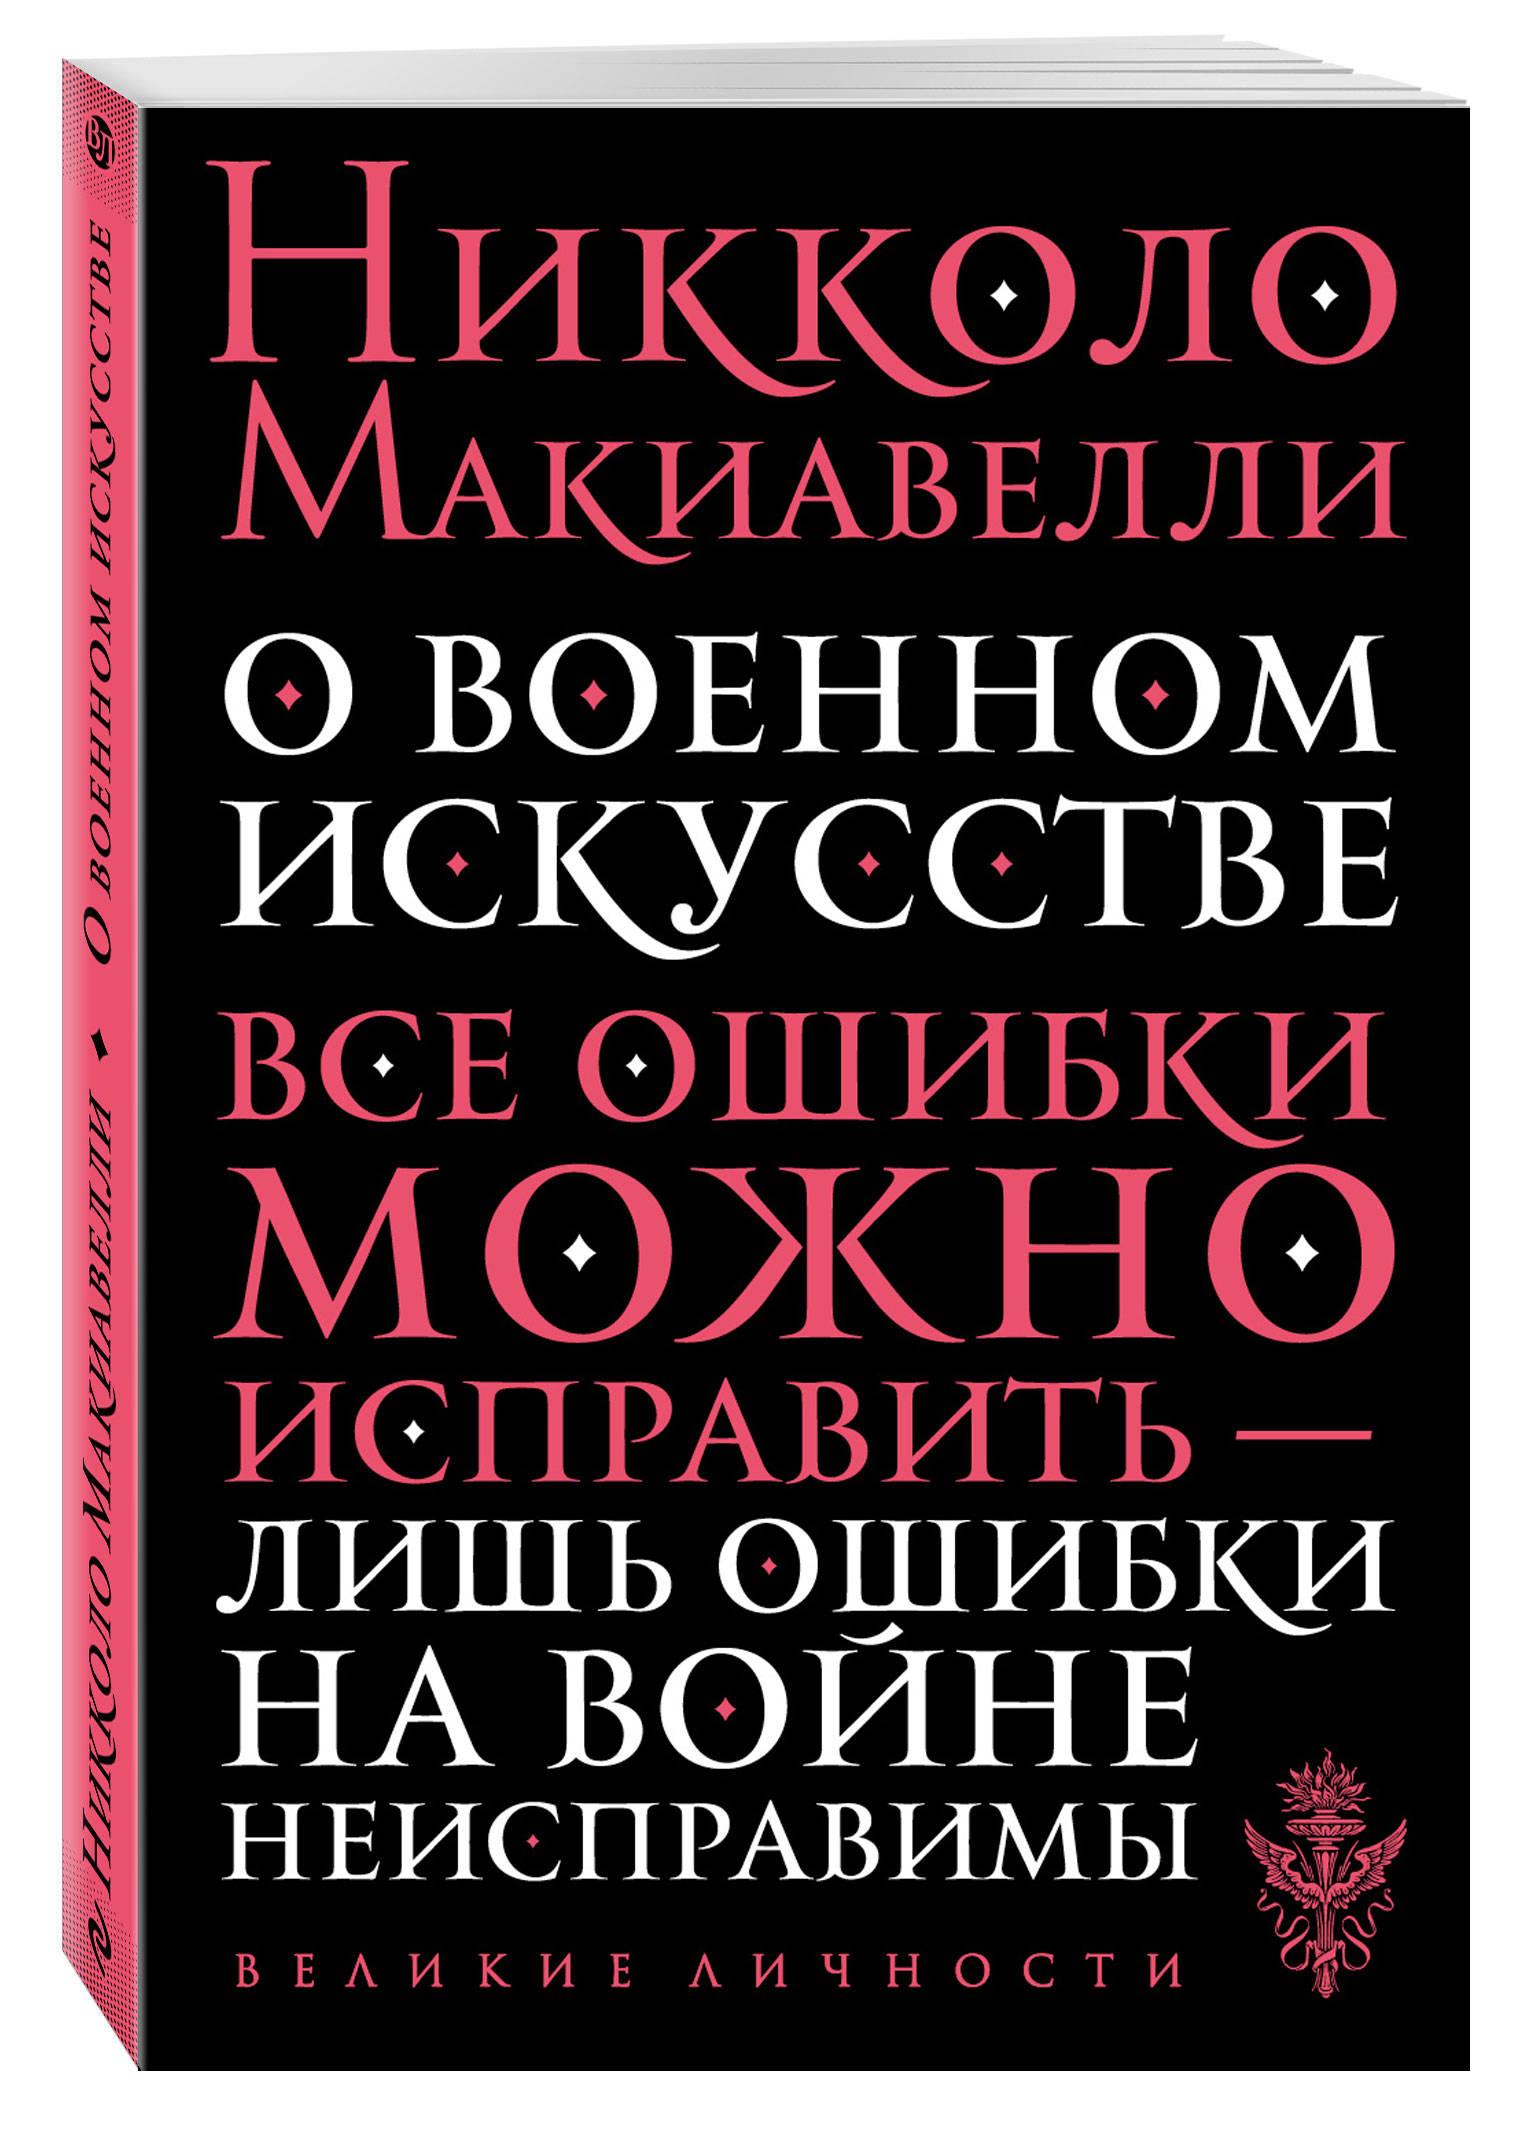 Макиавелли Н. О военном искусстве колонна raffaello 1107881